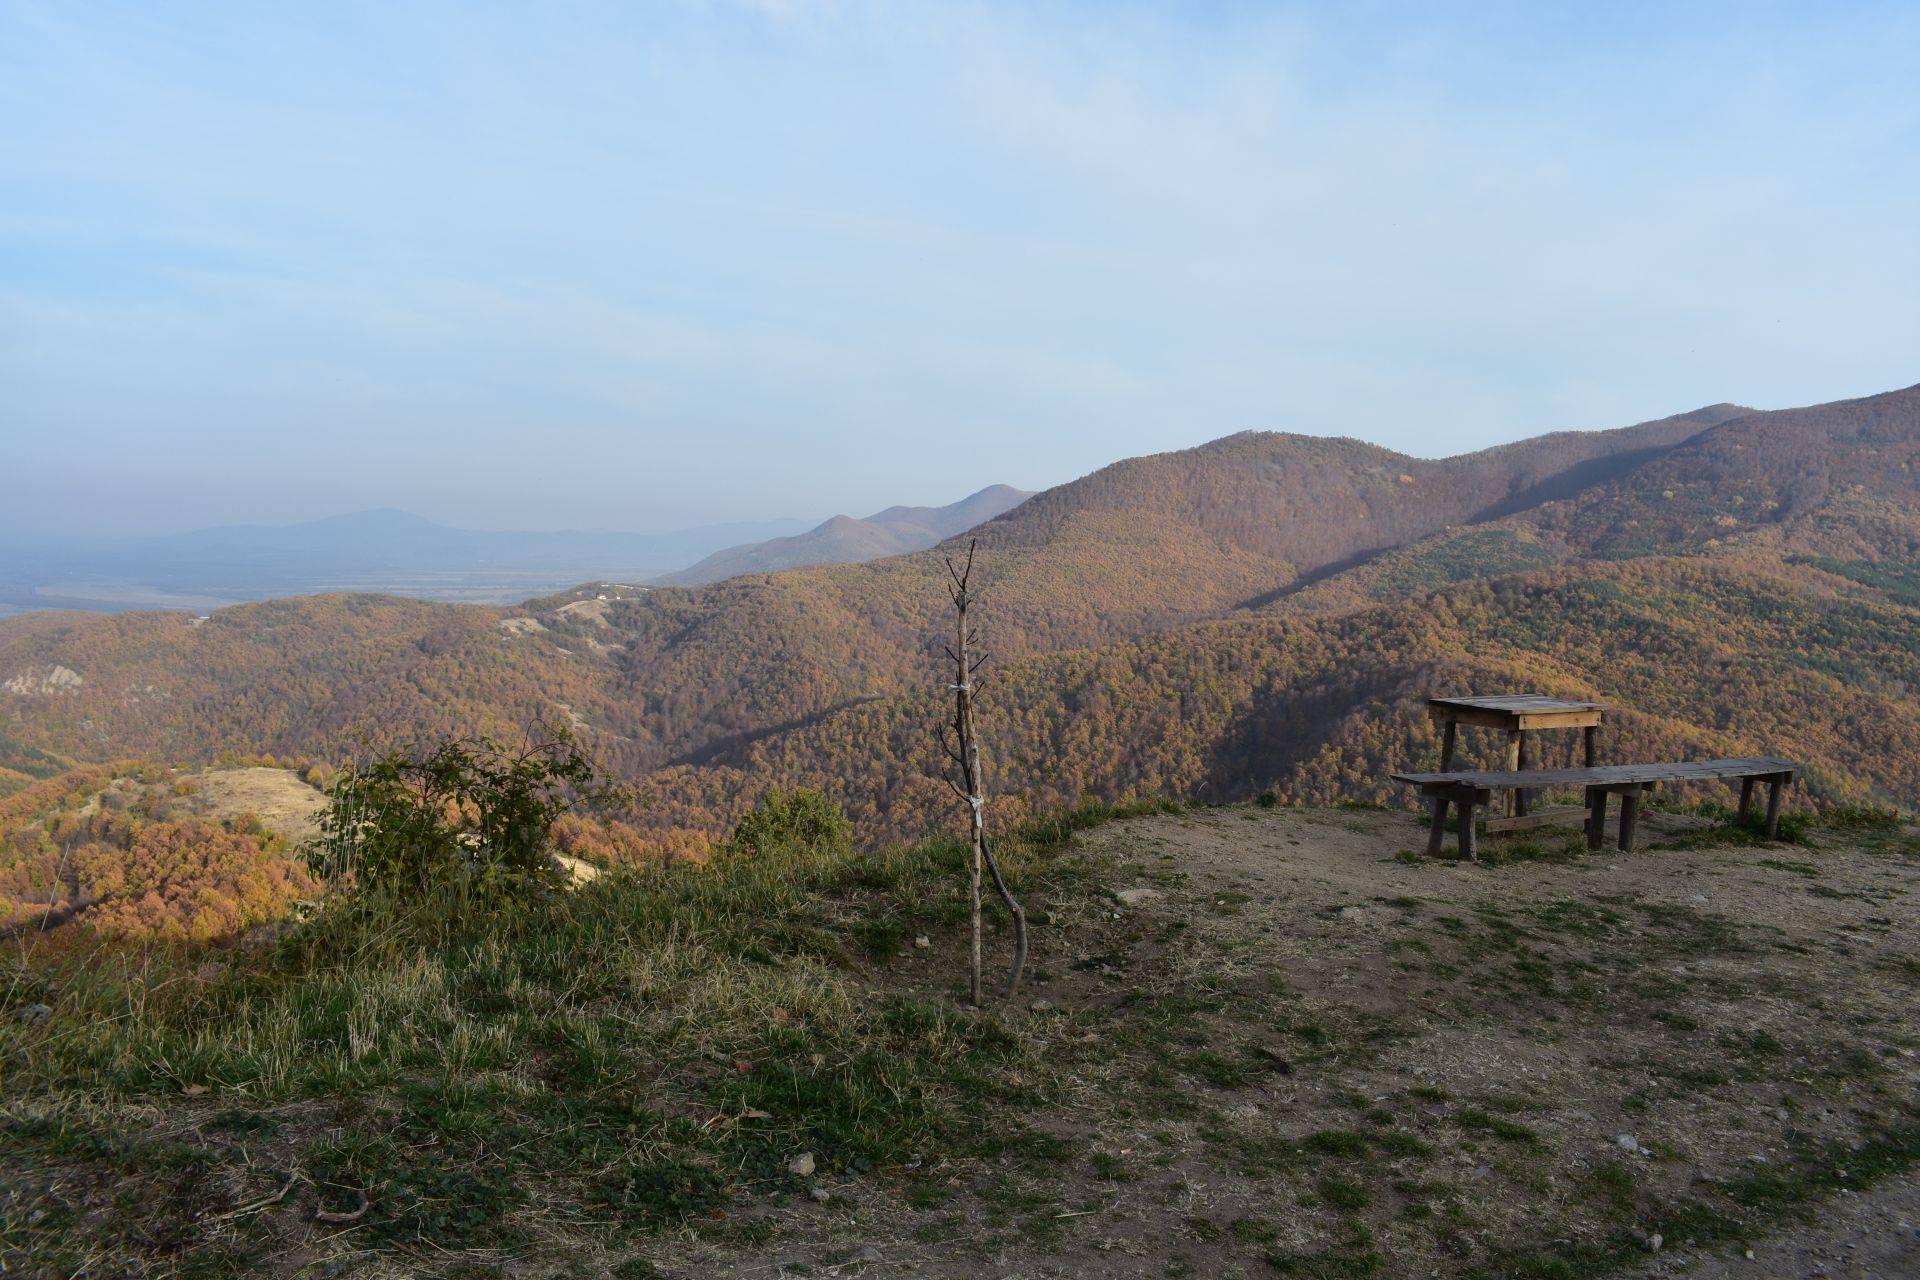 Регионална среща на планинарски и туристически организации от област Пловдив